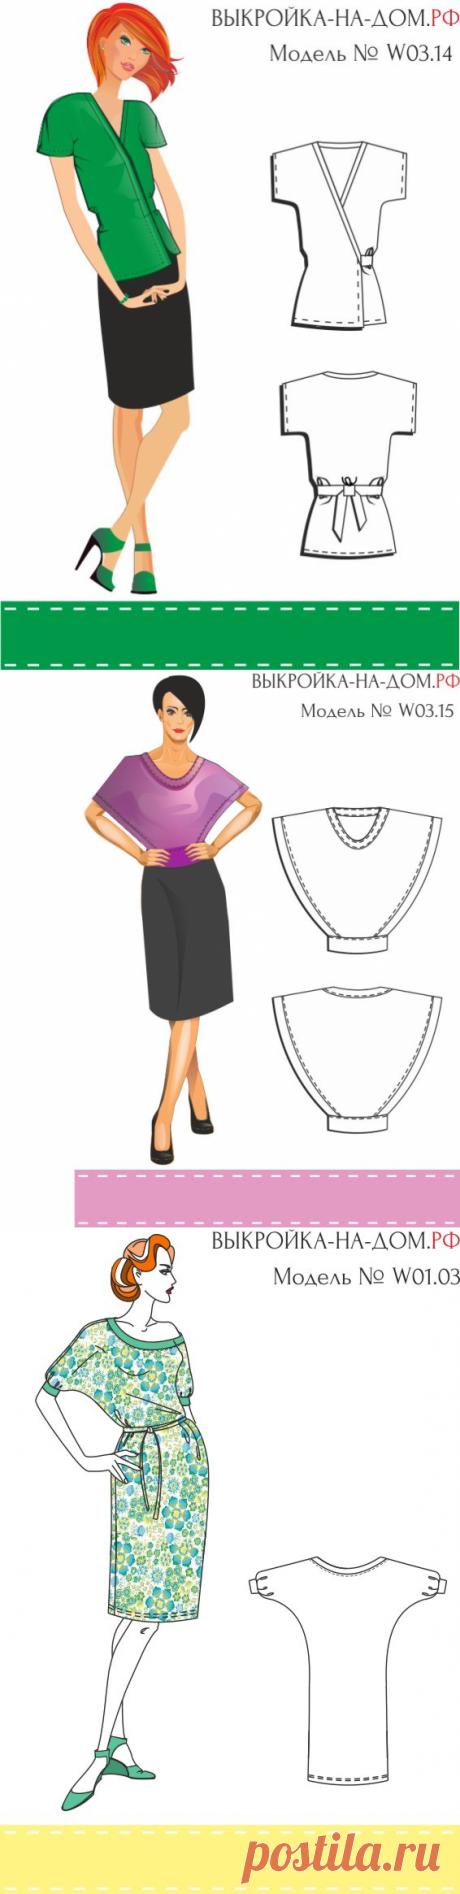 19 цельнокроеных модных выкроек для не умеющих шить... Убедитесь в том, что шить может каждый!